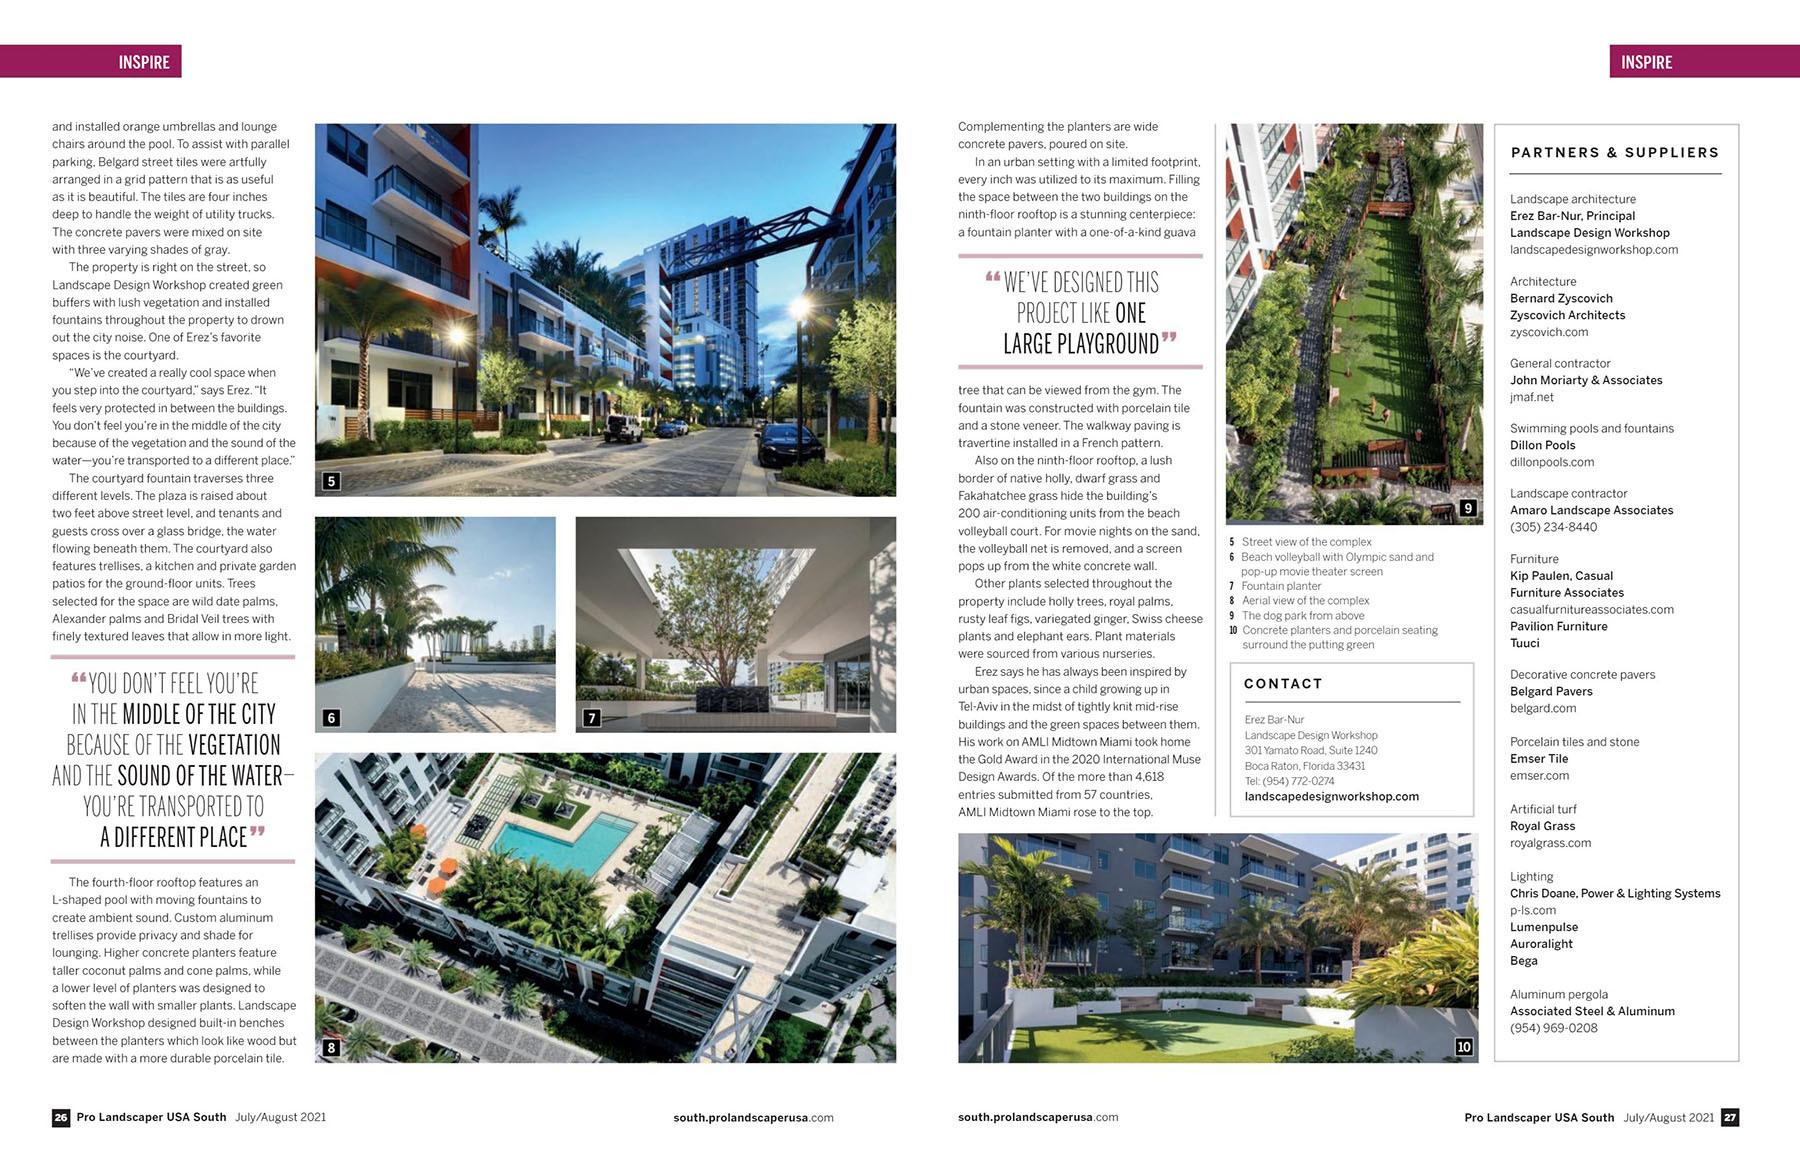 ProLandscaperMagazine_21-07-01_02